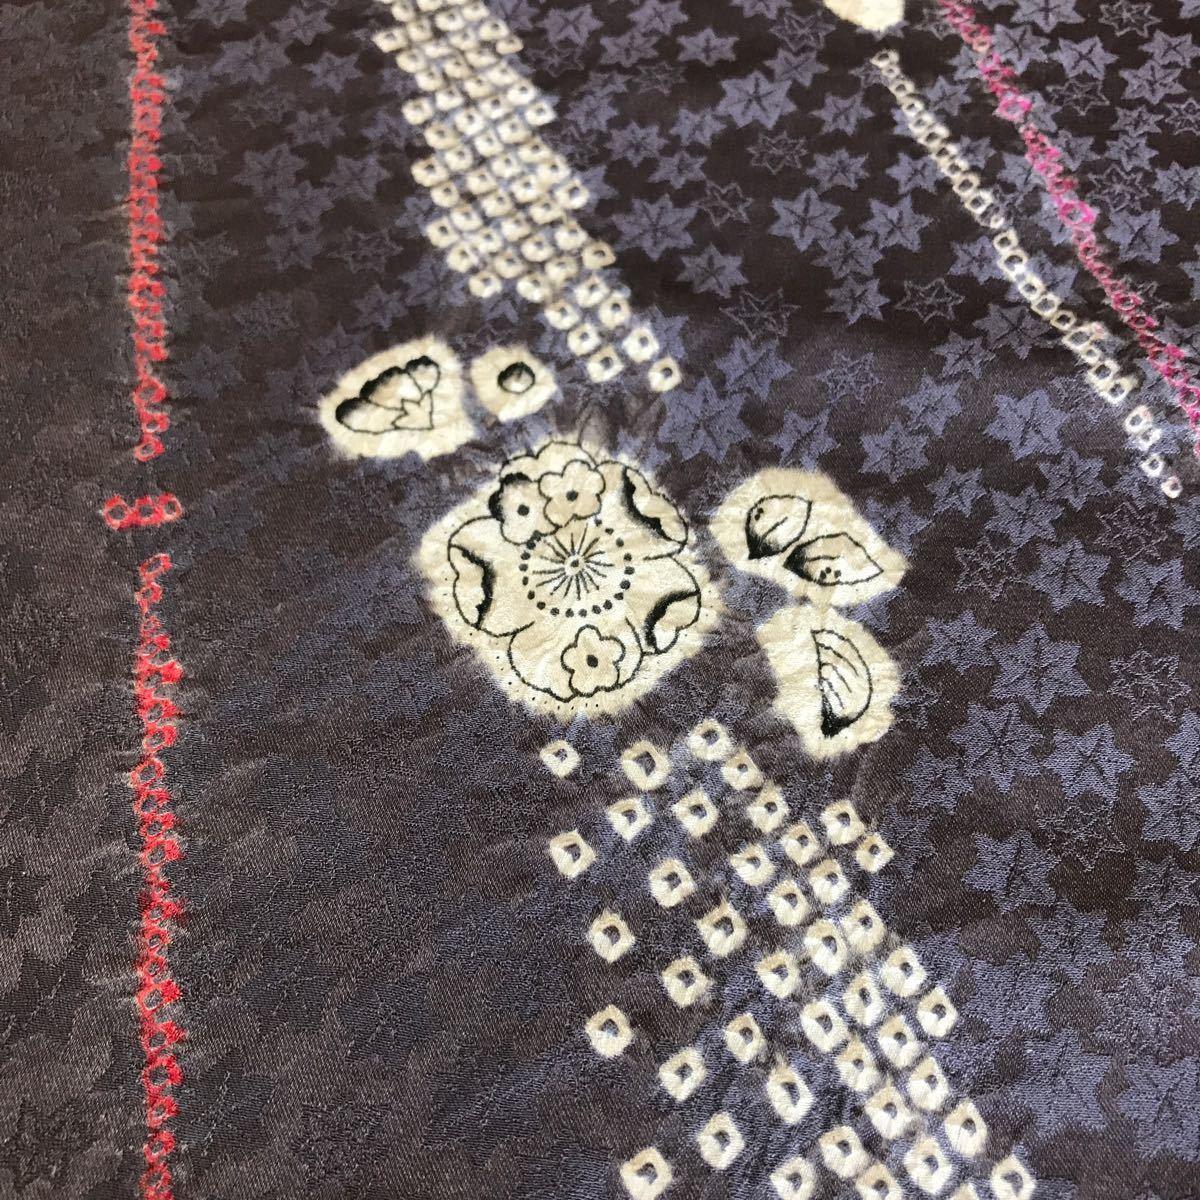 ★着物ハギレ 辻が花幾何学部分絞り 紫半身頃★ 4 リメイク 着物リメイク アンティーク